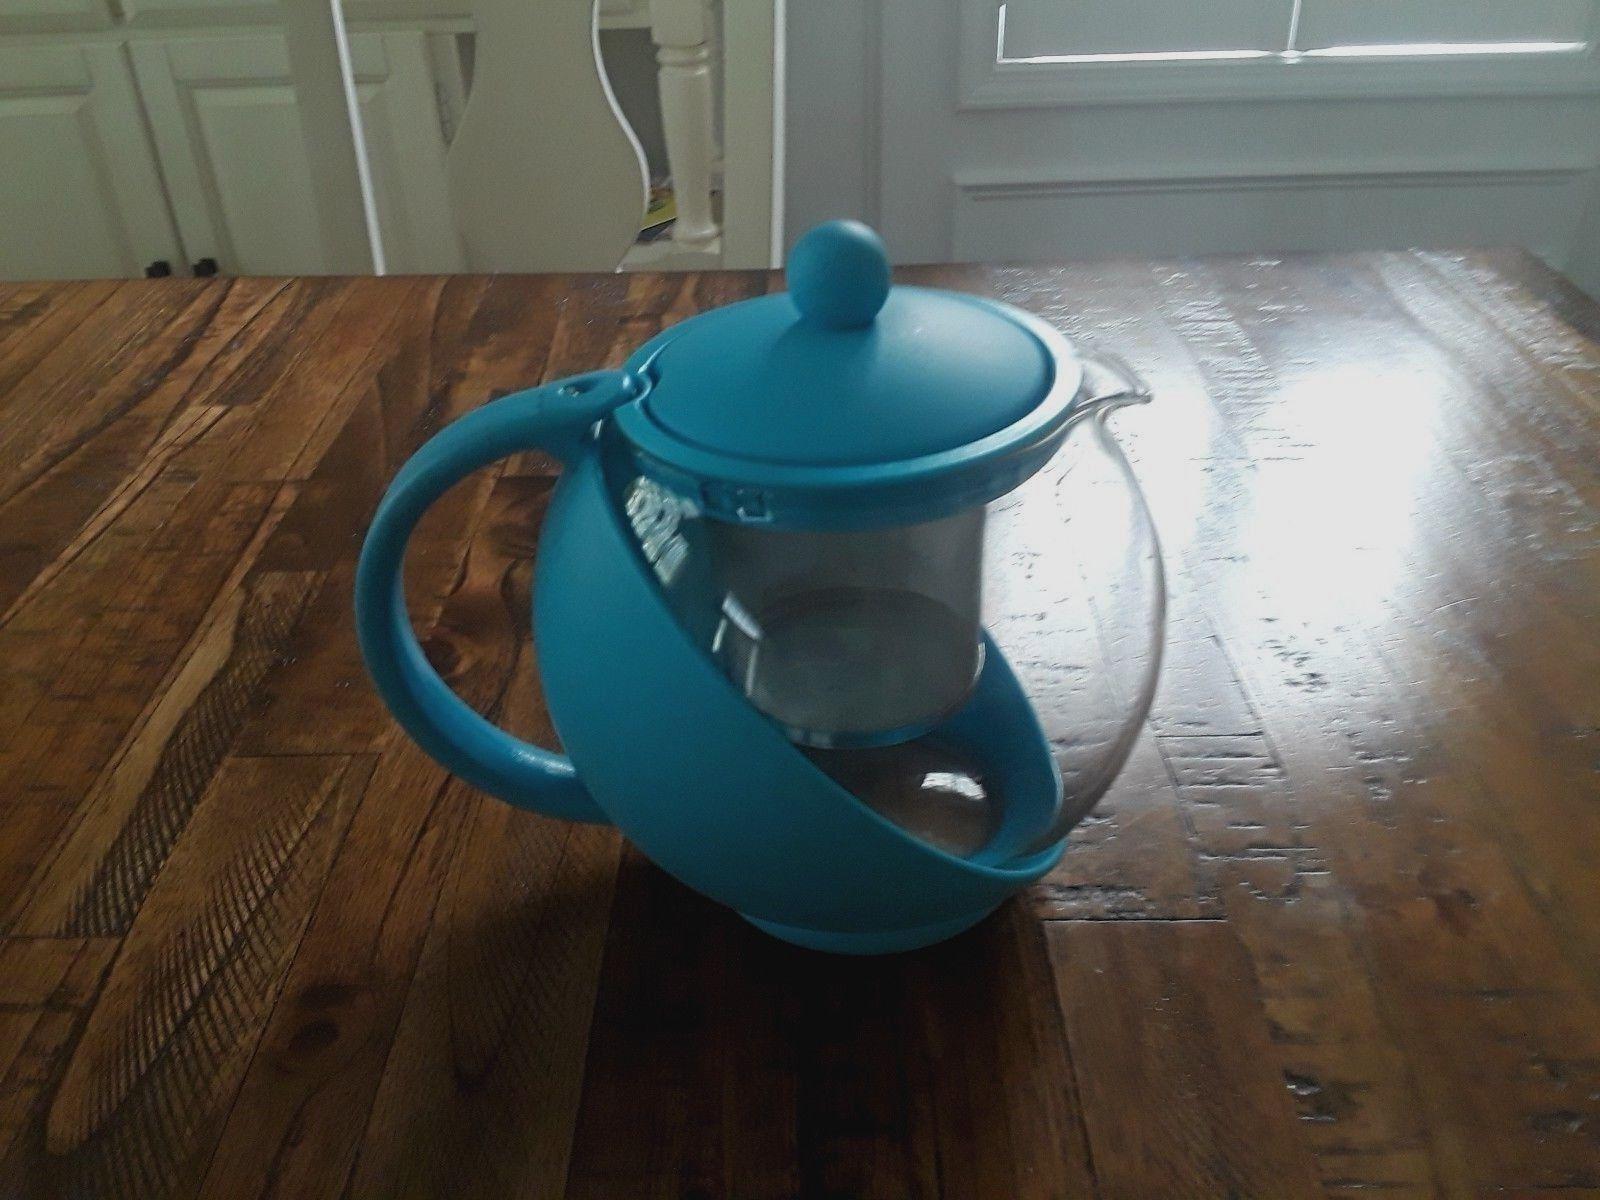 Glass Teapot Personal Tea Kettle QVC 6 Cup 48 Ounces Blue Br